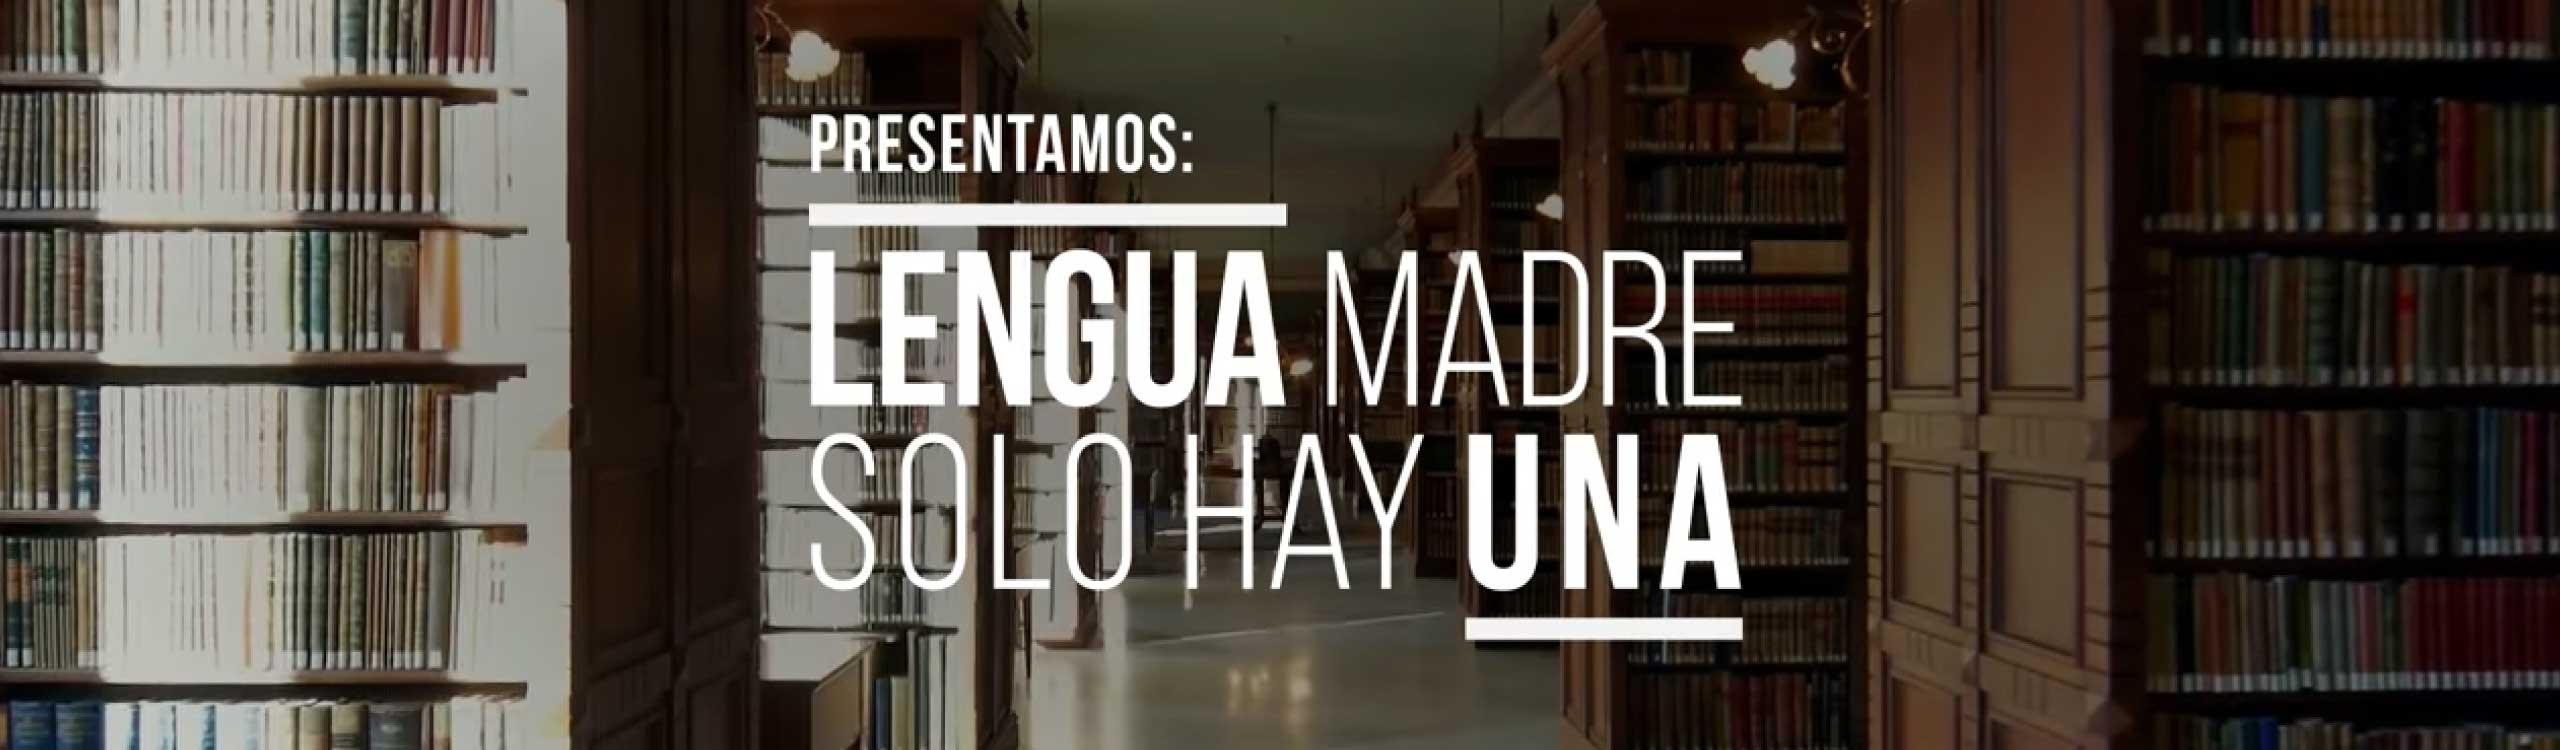 lengua madre solo hay una, una campaña por la españolización de la publicidad